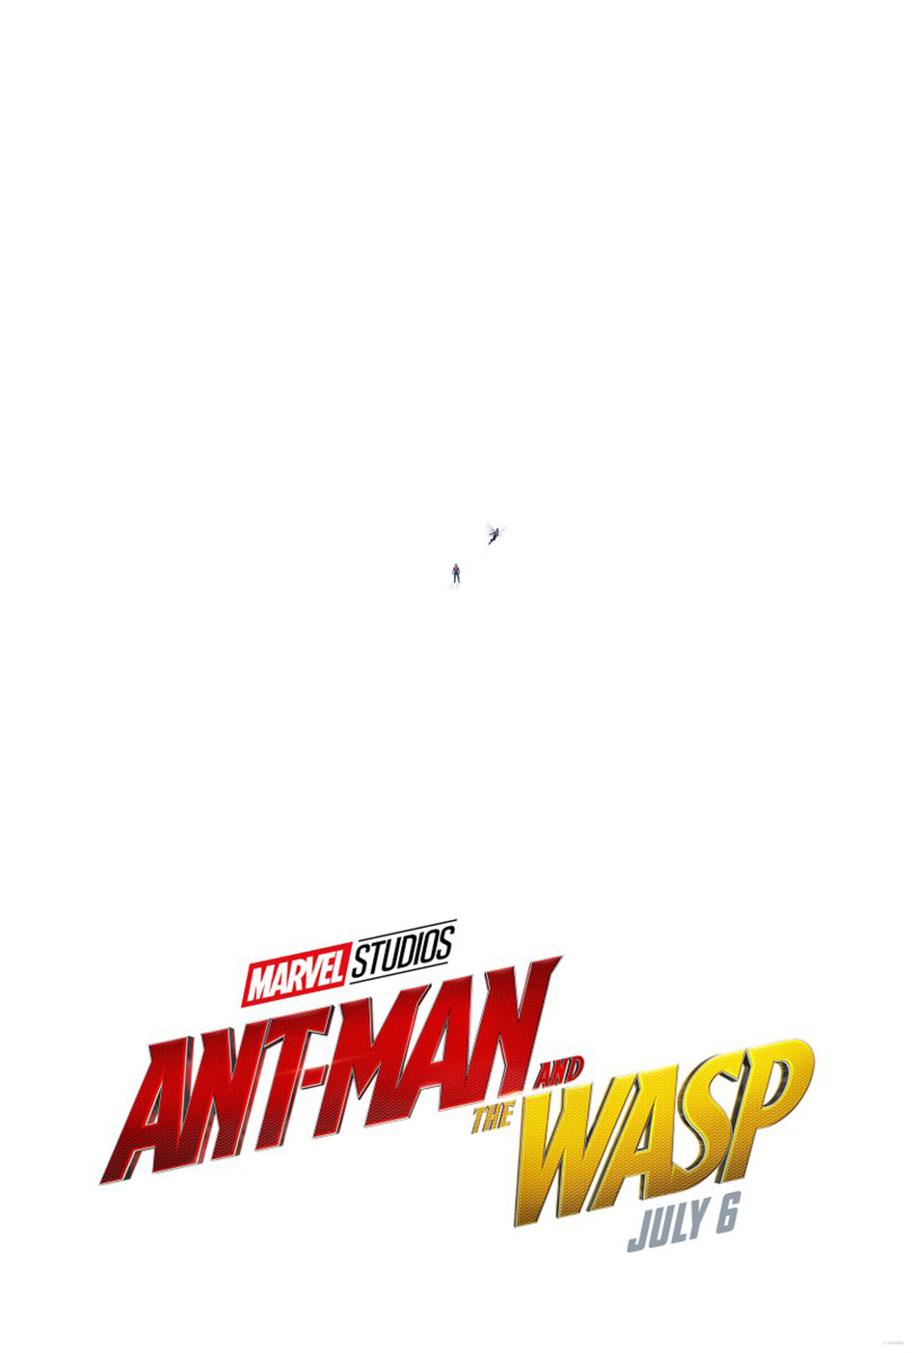 Movies 2018 - Ant Man & Wasp